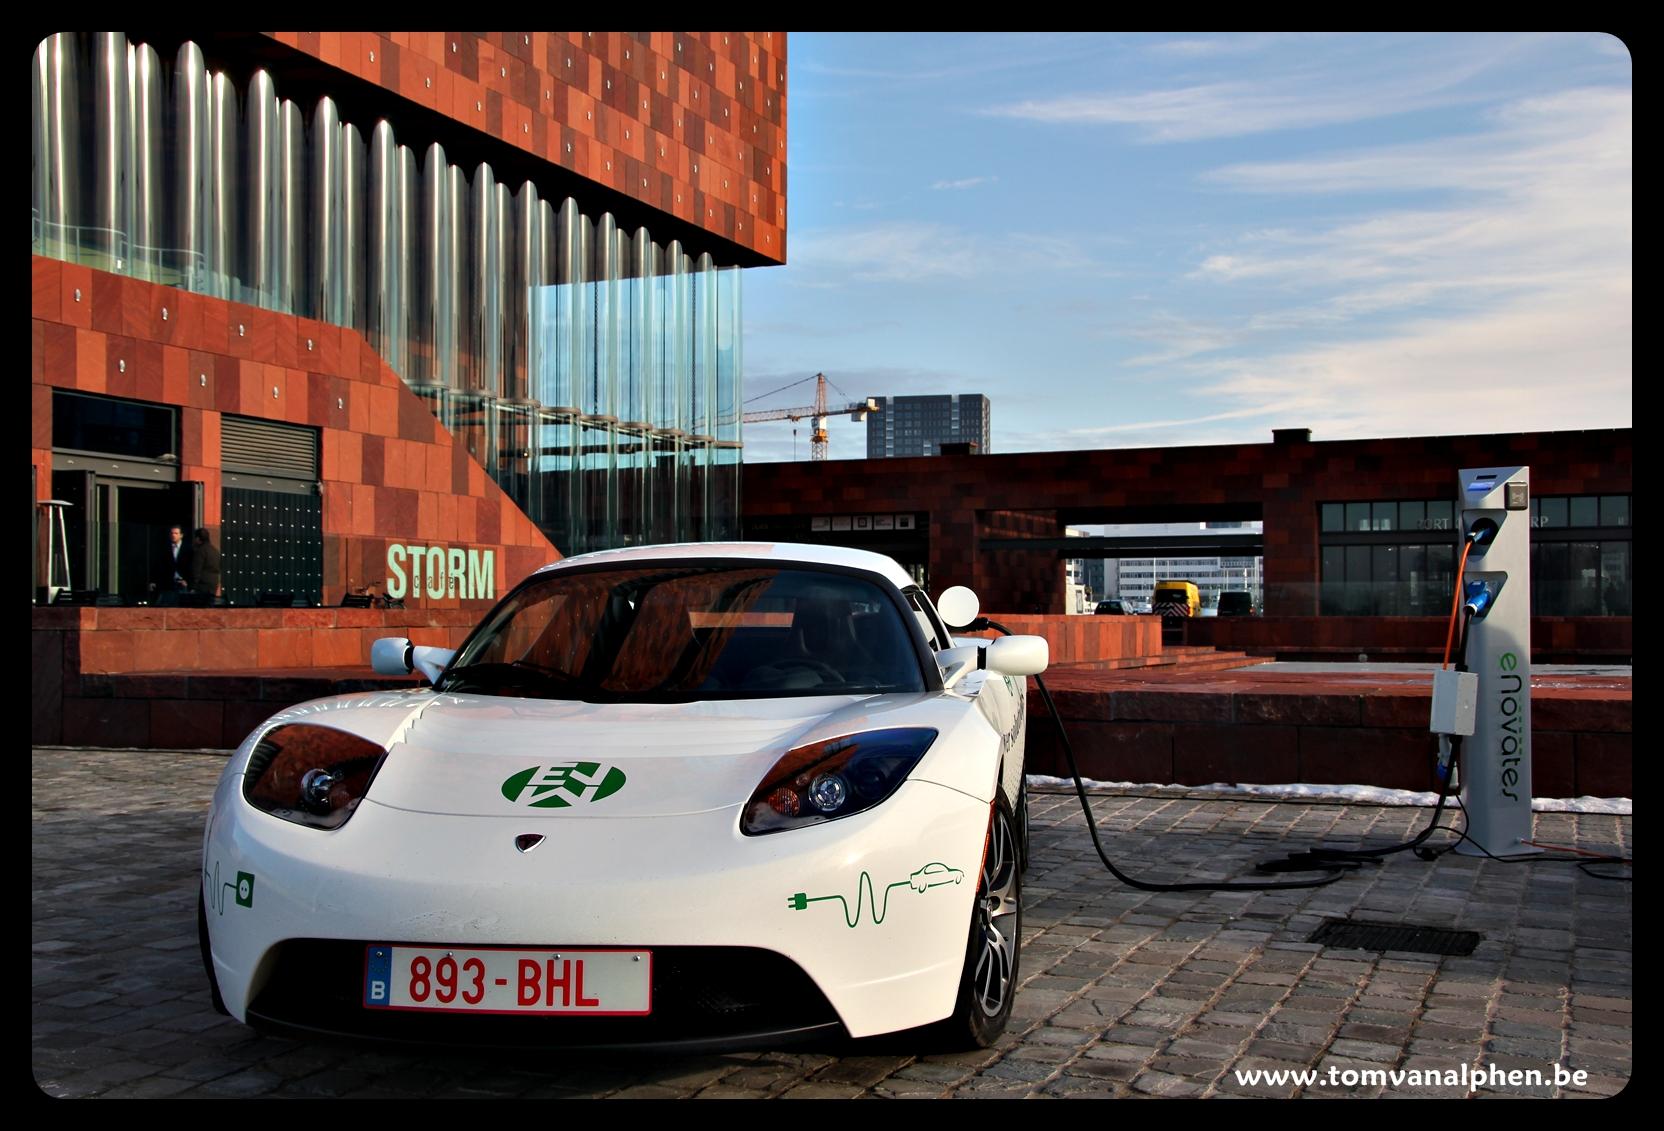 41 1 Meer Elektrische Wagens In Belgie Maar Marktaandeel Blijft